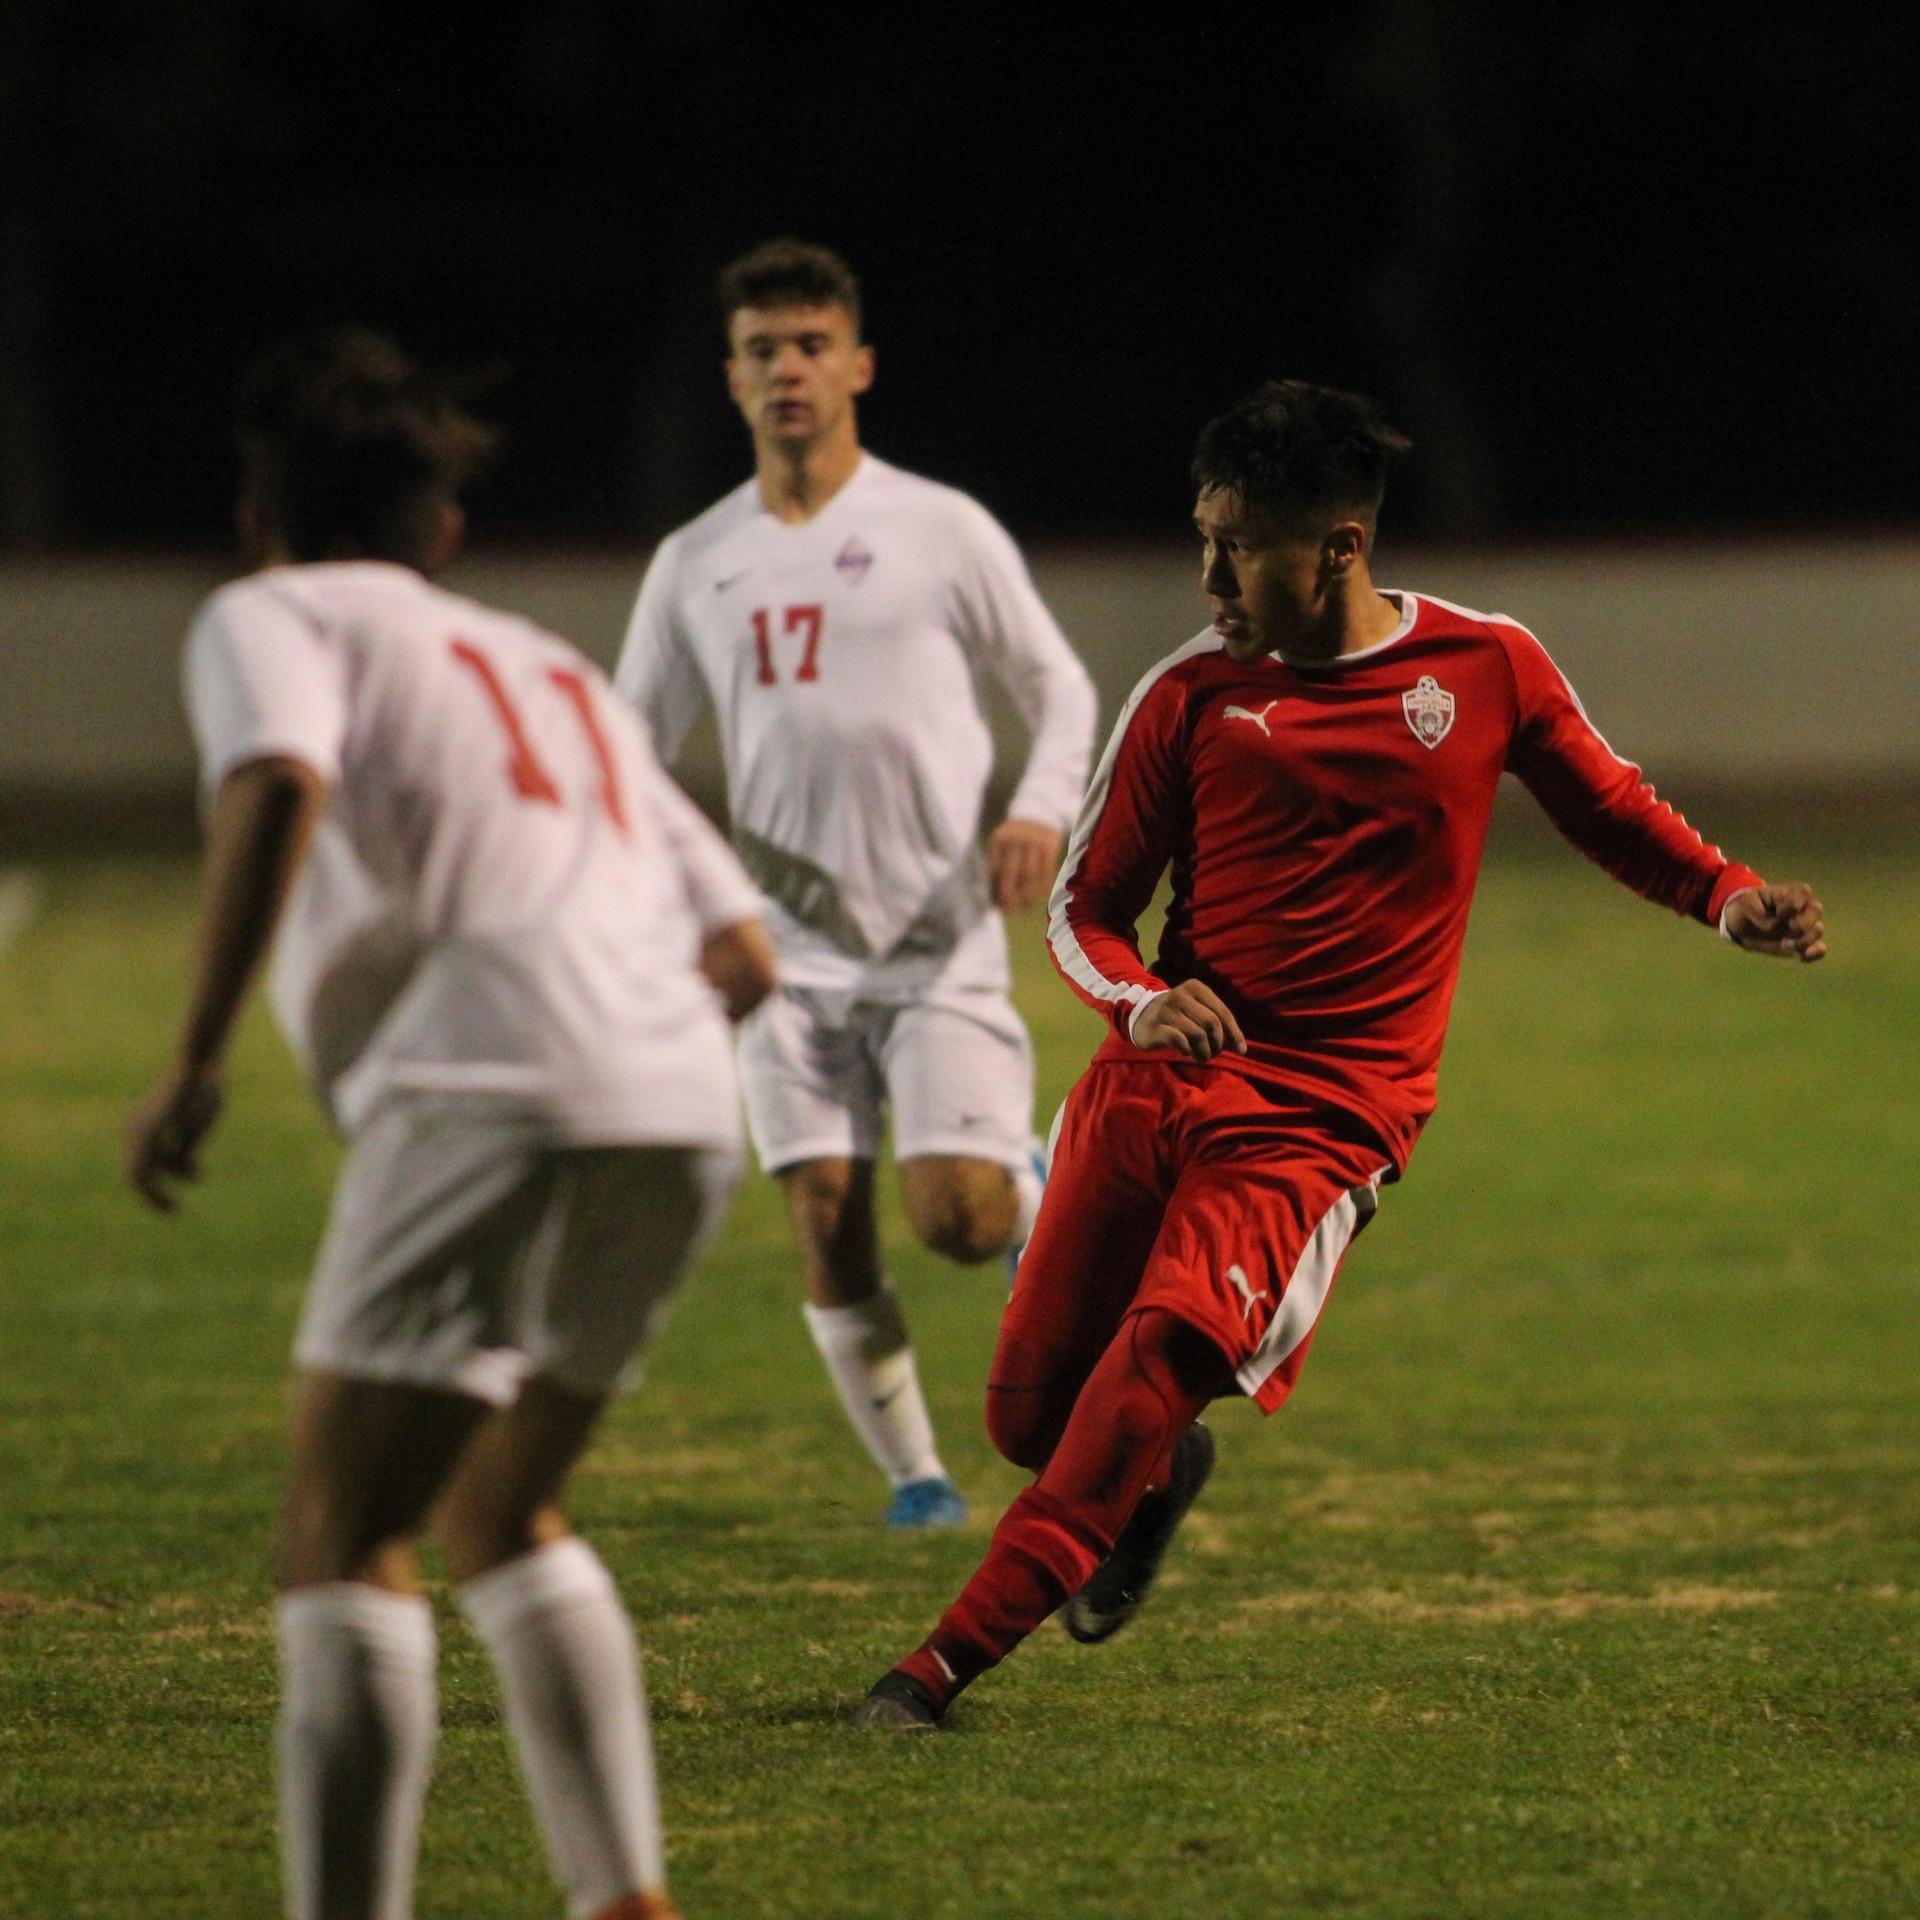 Edwin Reyes kicking